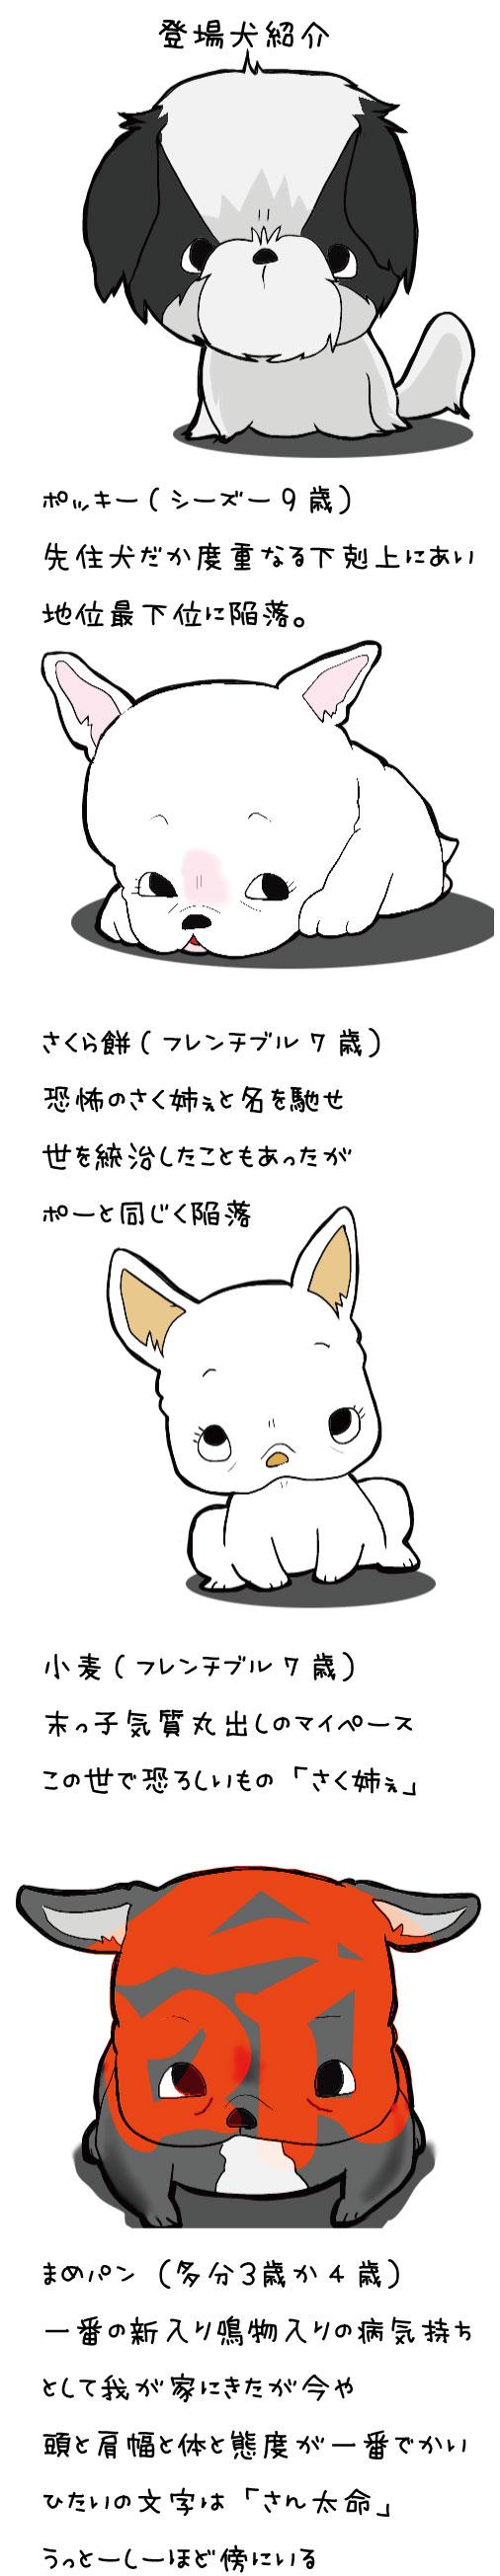 登場犬紹介